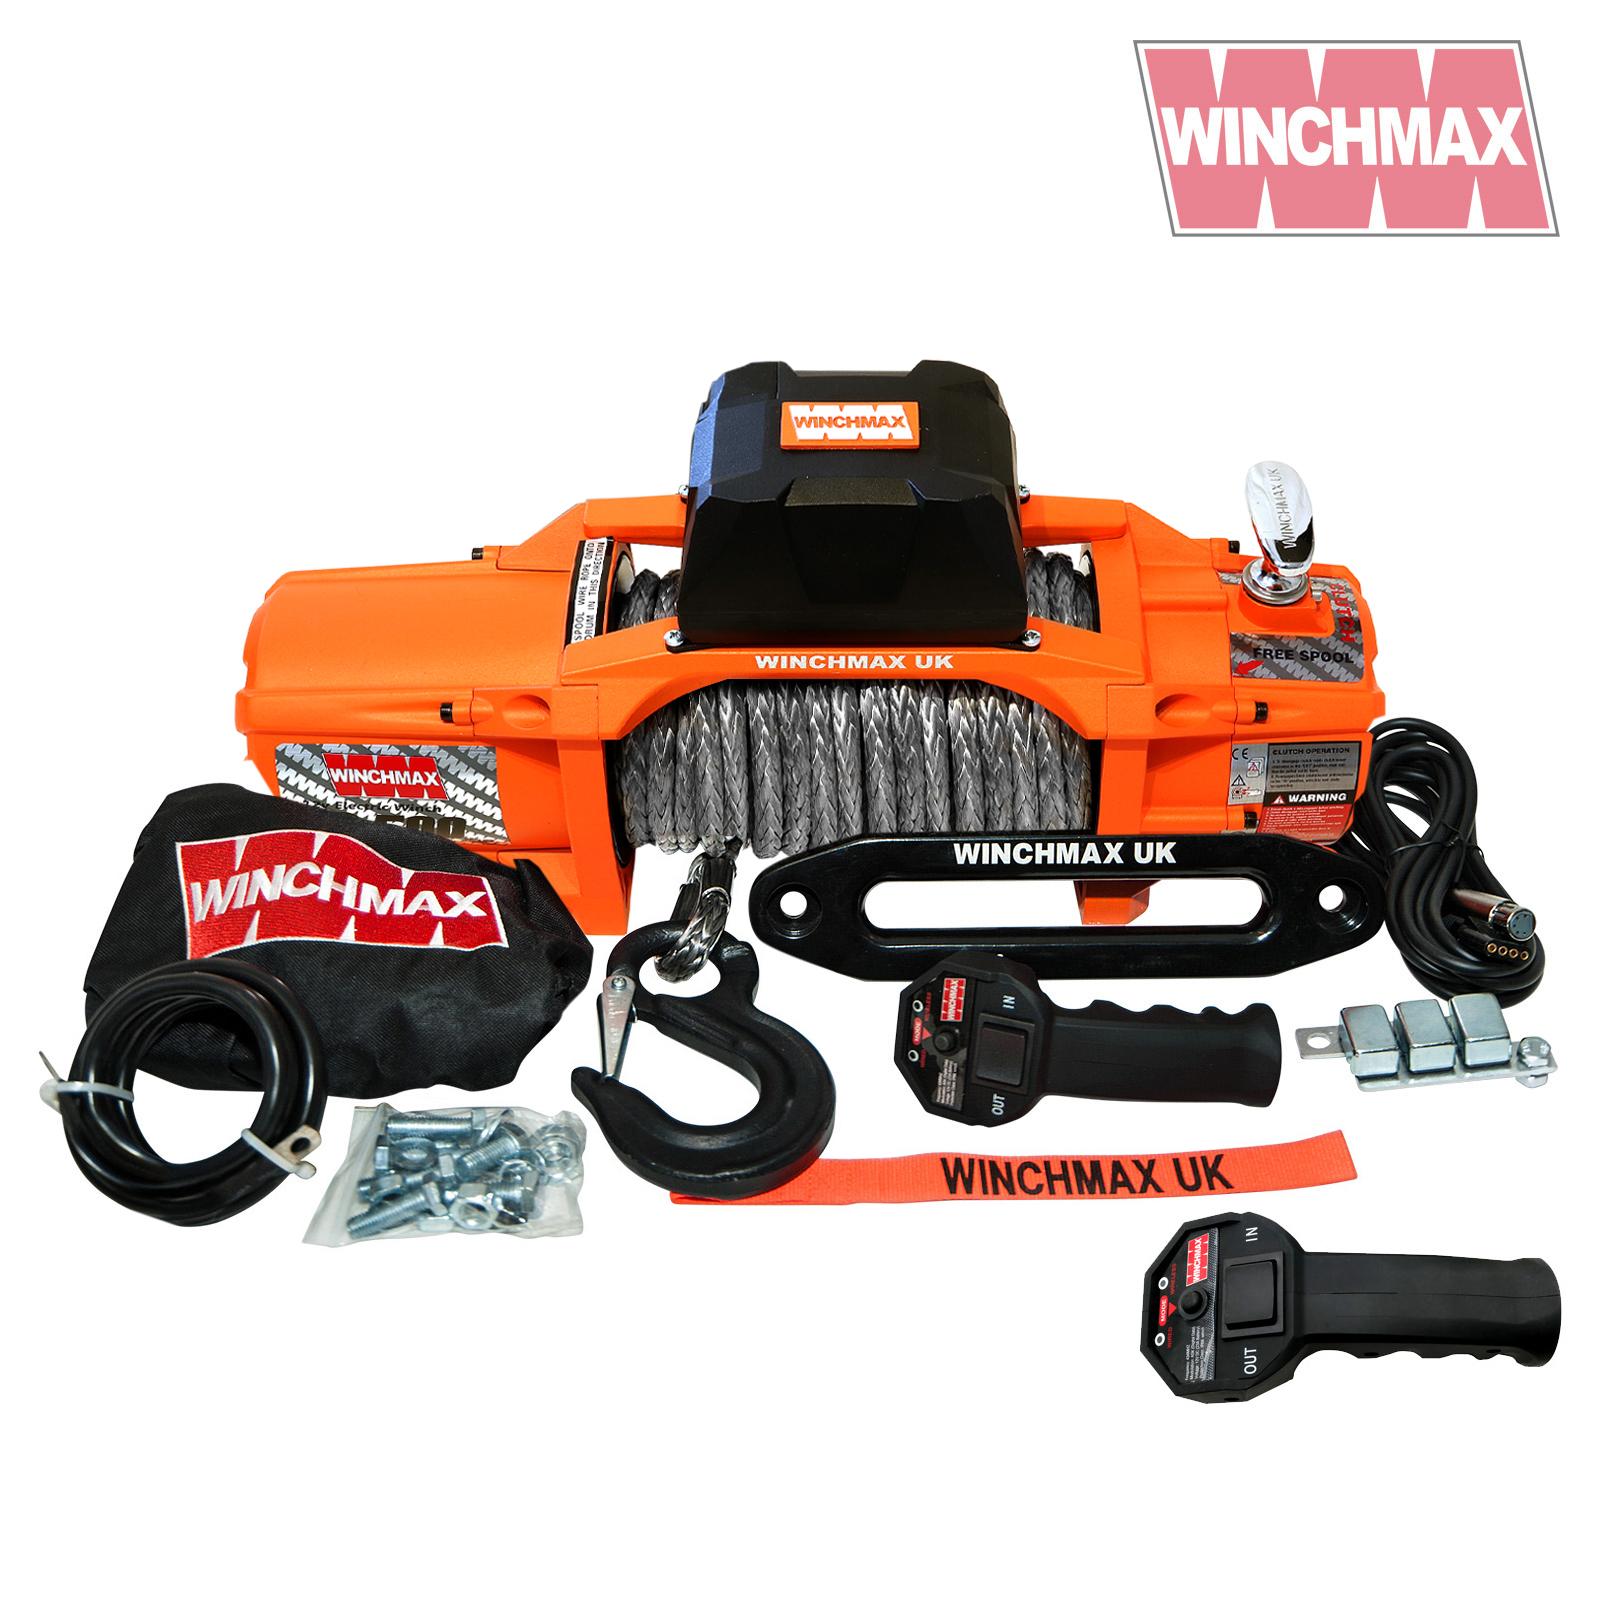 Wmsl1350024vsyn new1